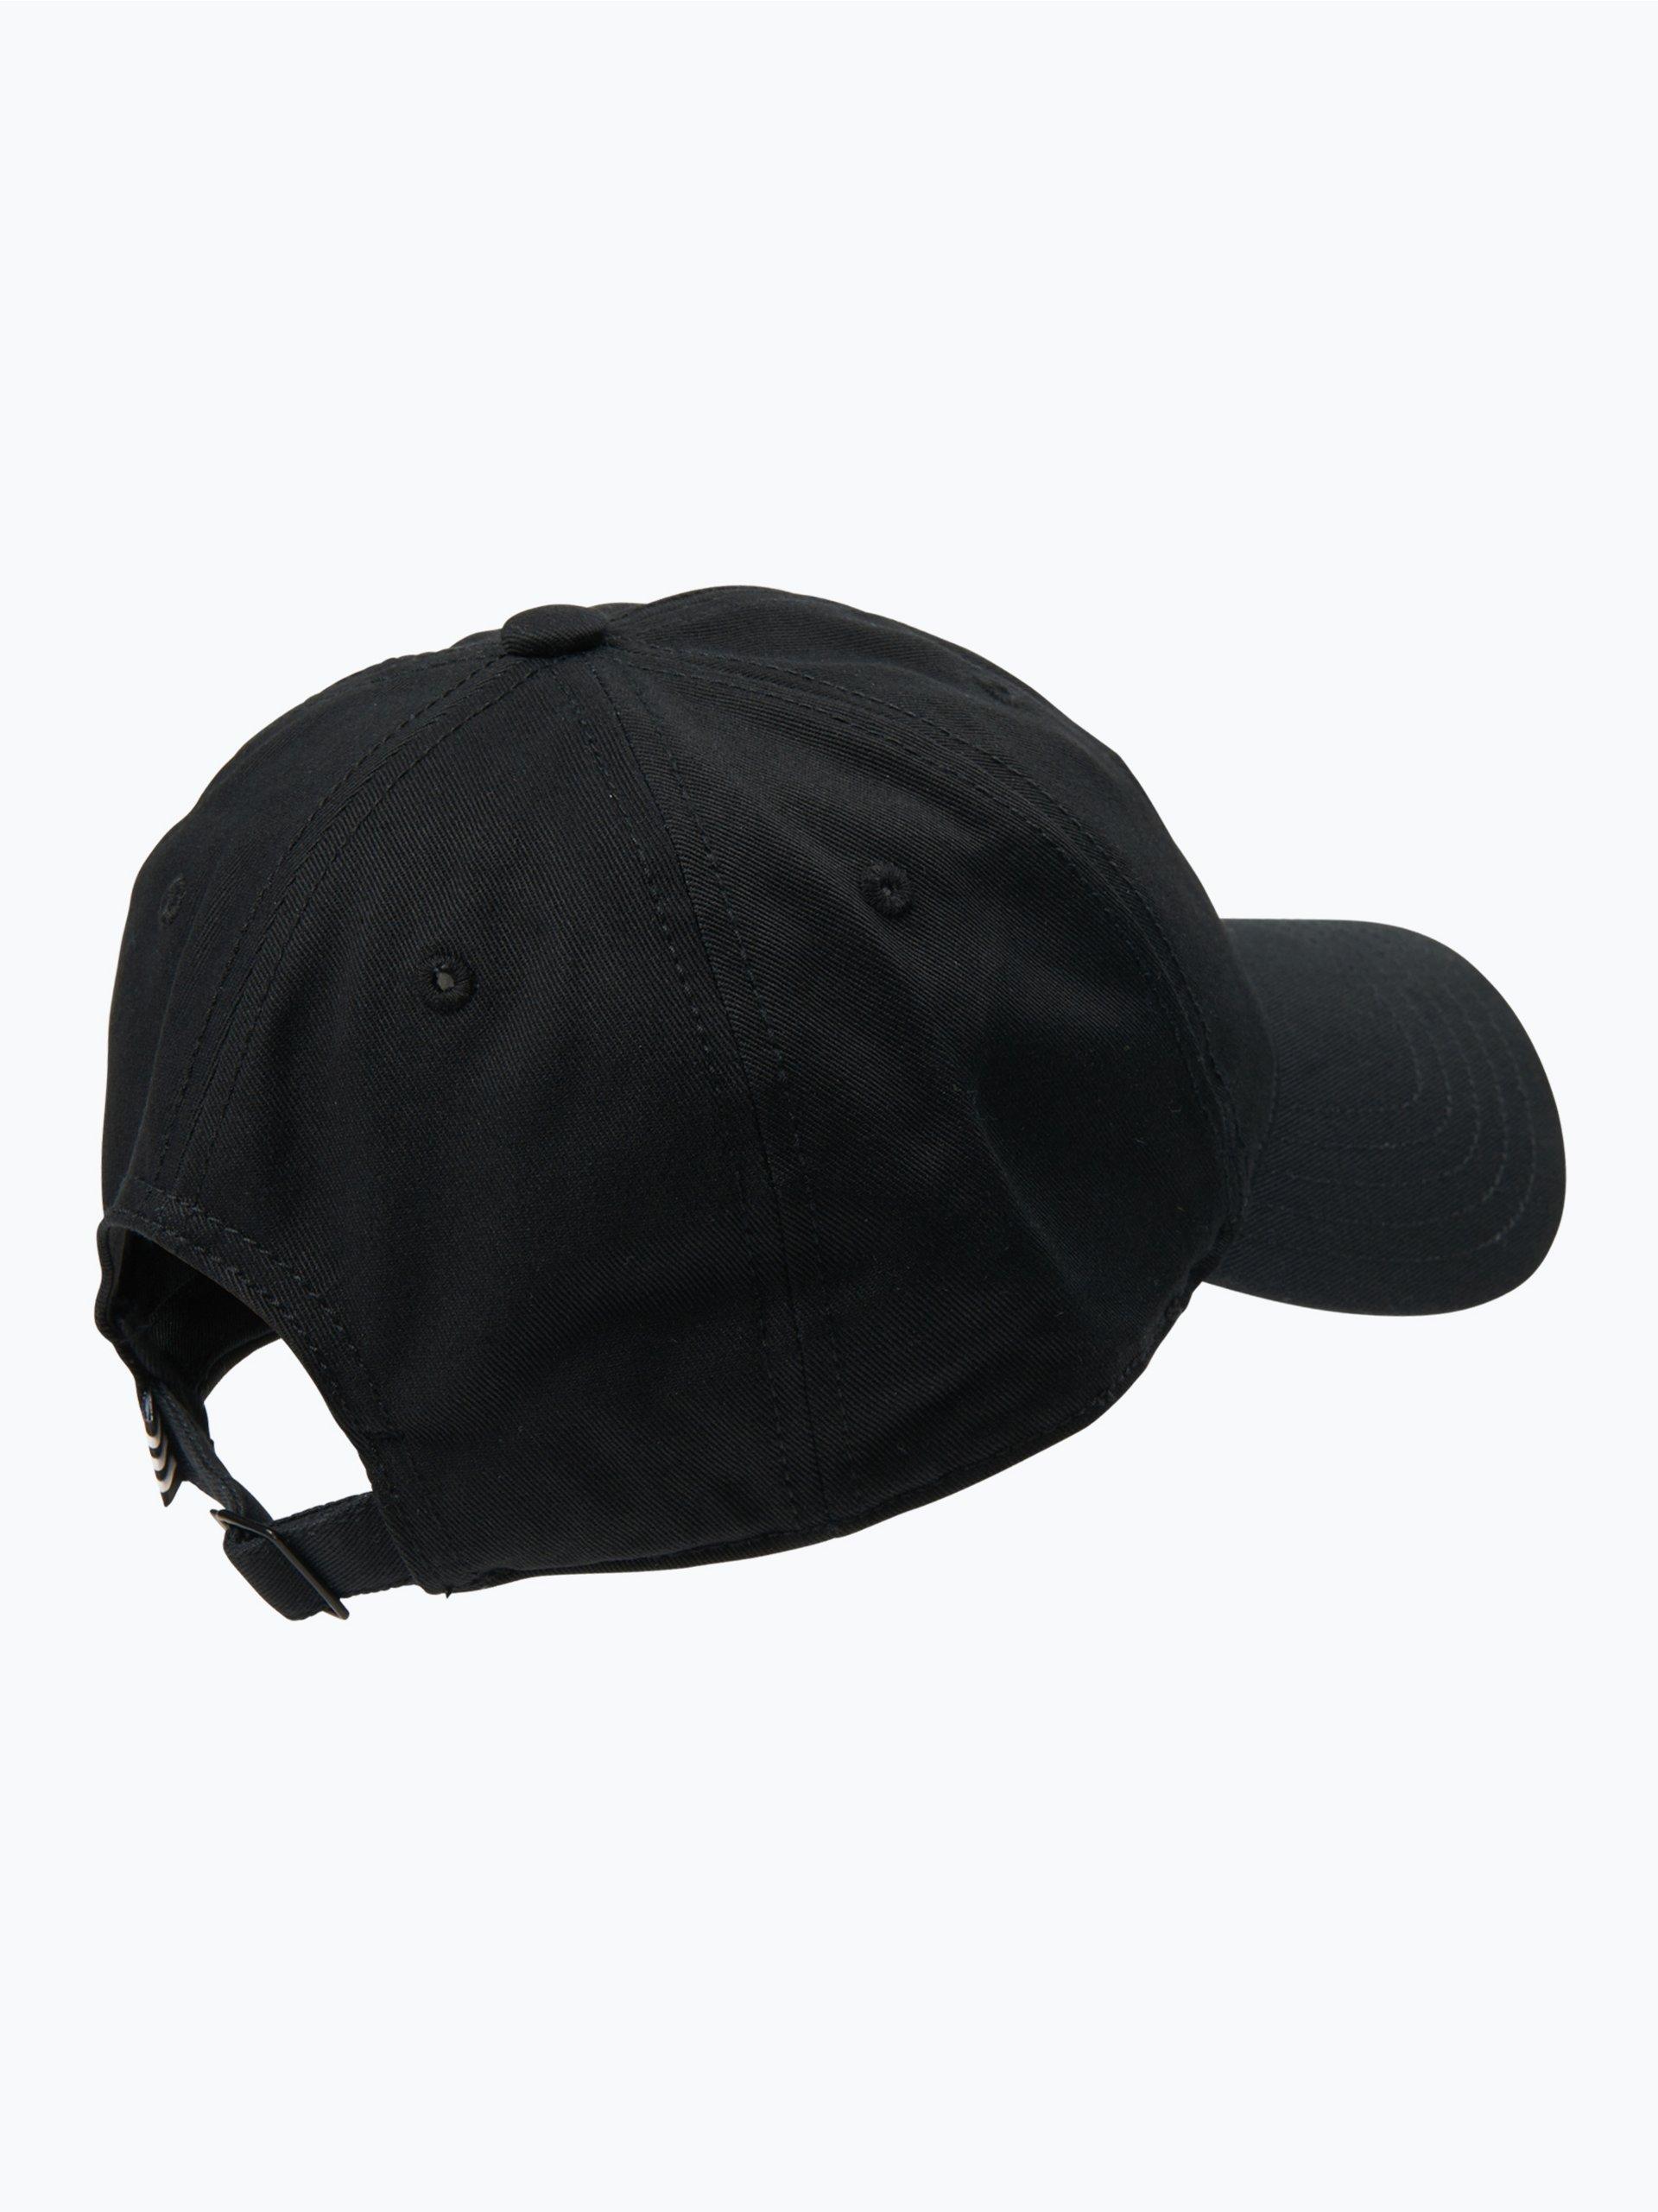 adidas originals herren cap trefoil schwarz gemustert. Black Bedroom Furniture Sets. Home Design Ideas